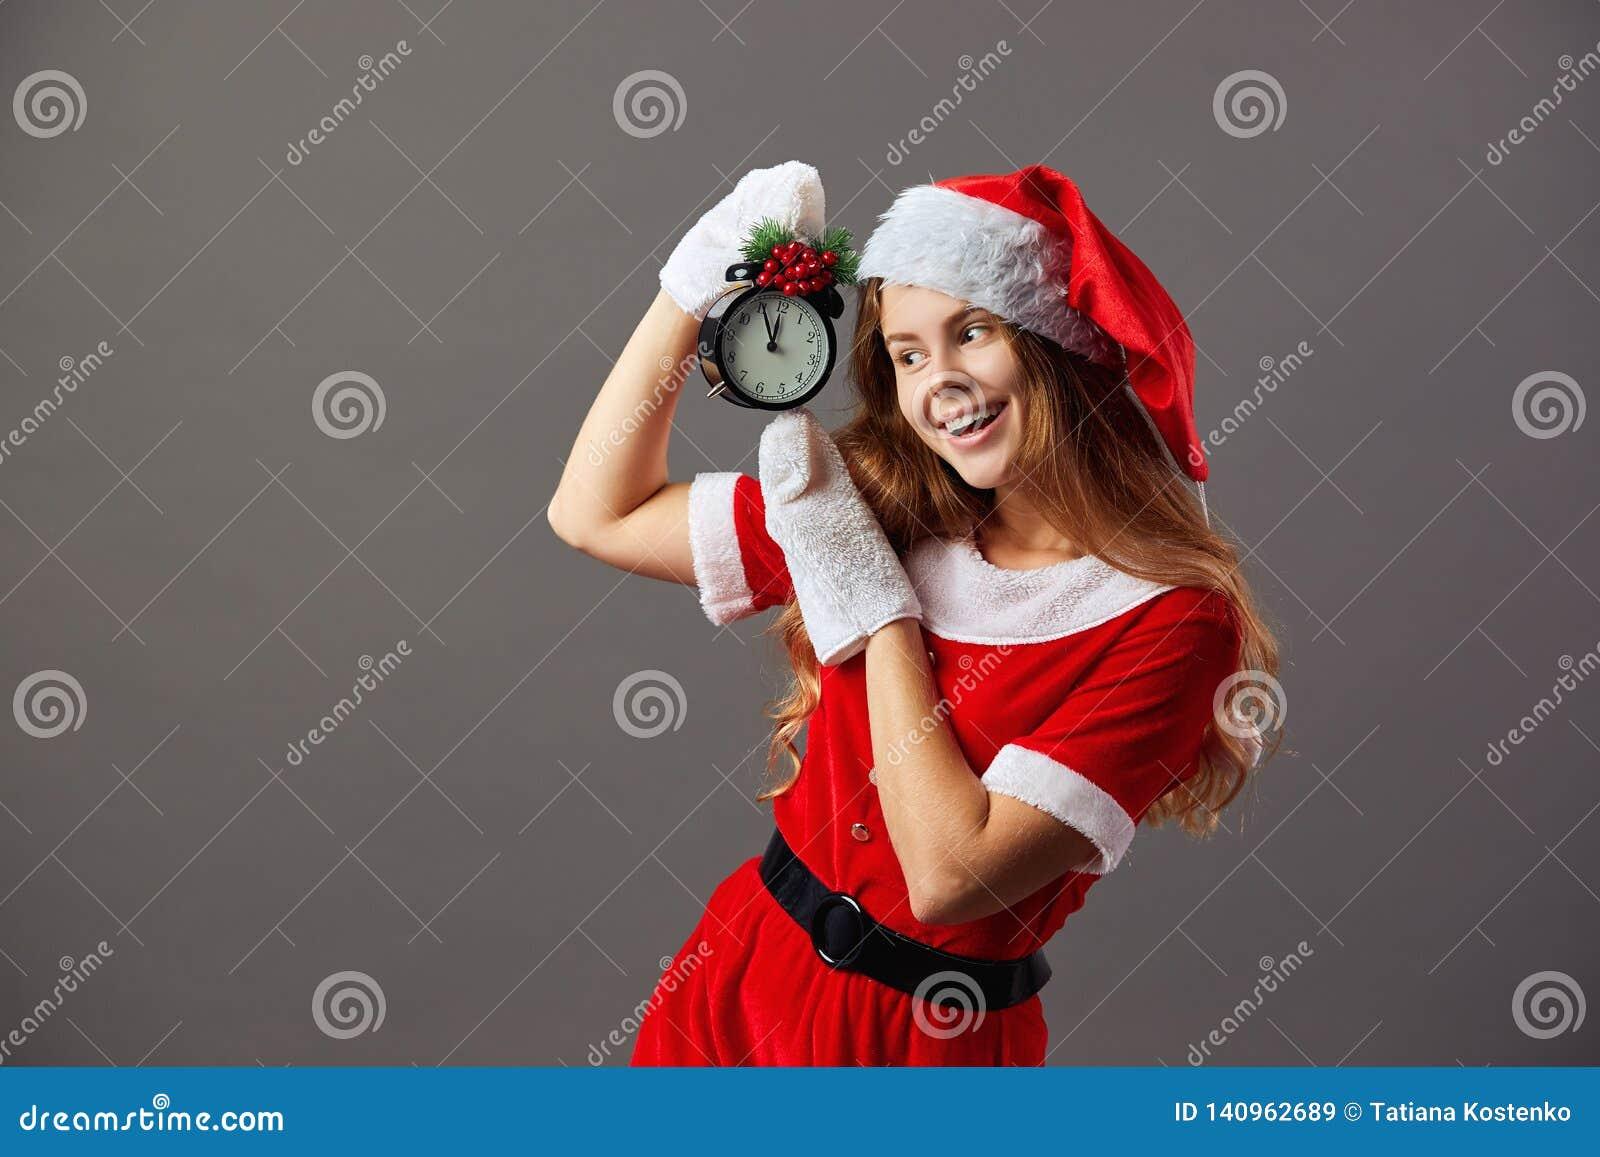 Piękna pani chrismas przedstawia Mikołaja Święty Mikołaj ubierał w czerwonym kontuszu, Santa kapeluszowy i białe rękawiczki trzym